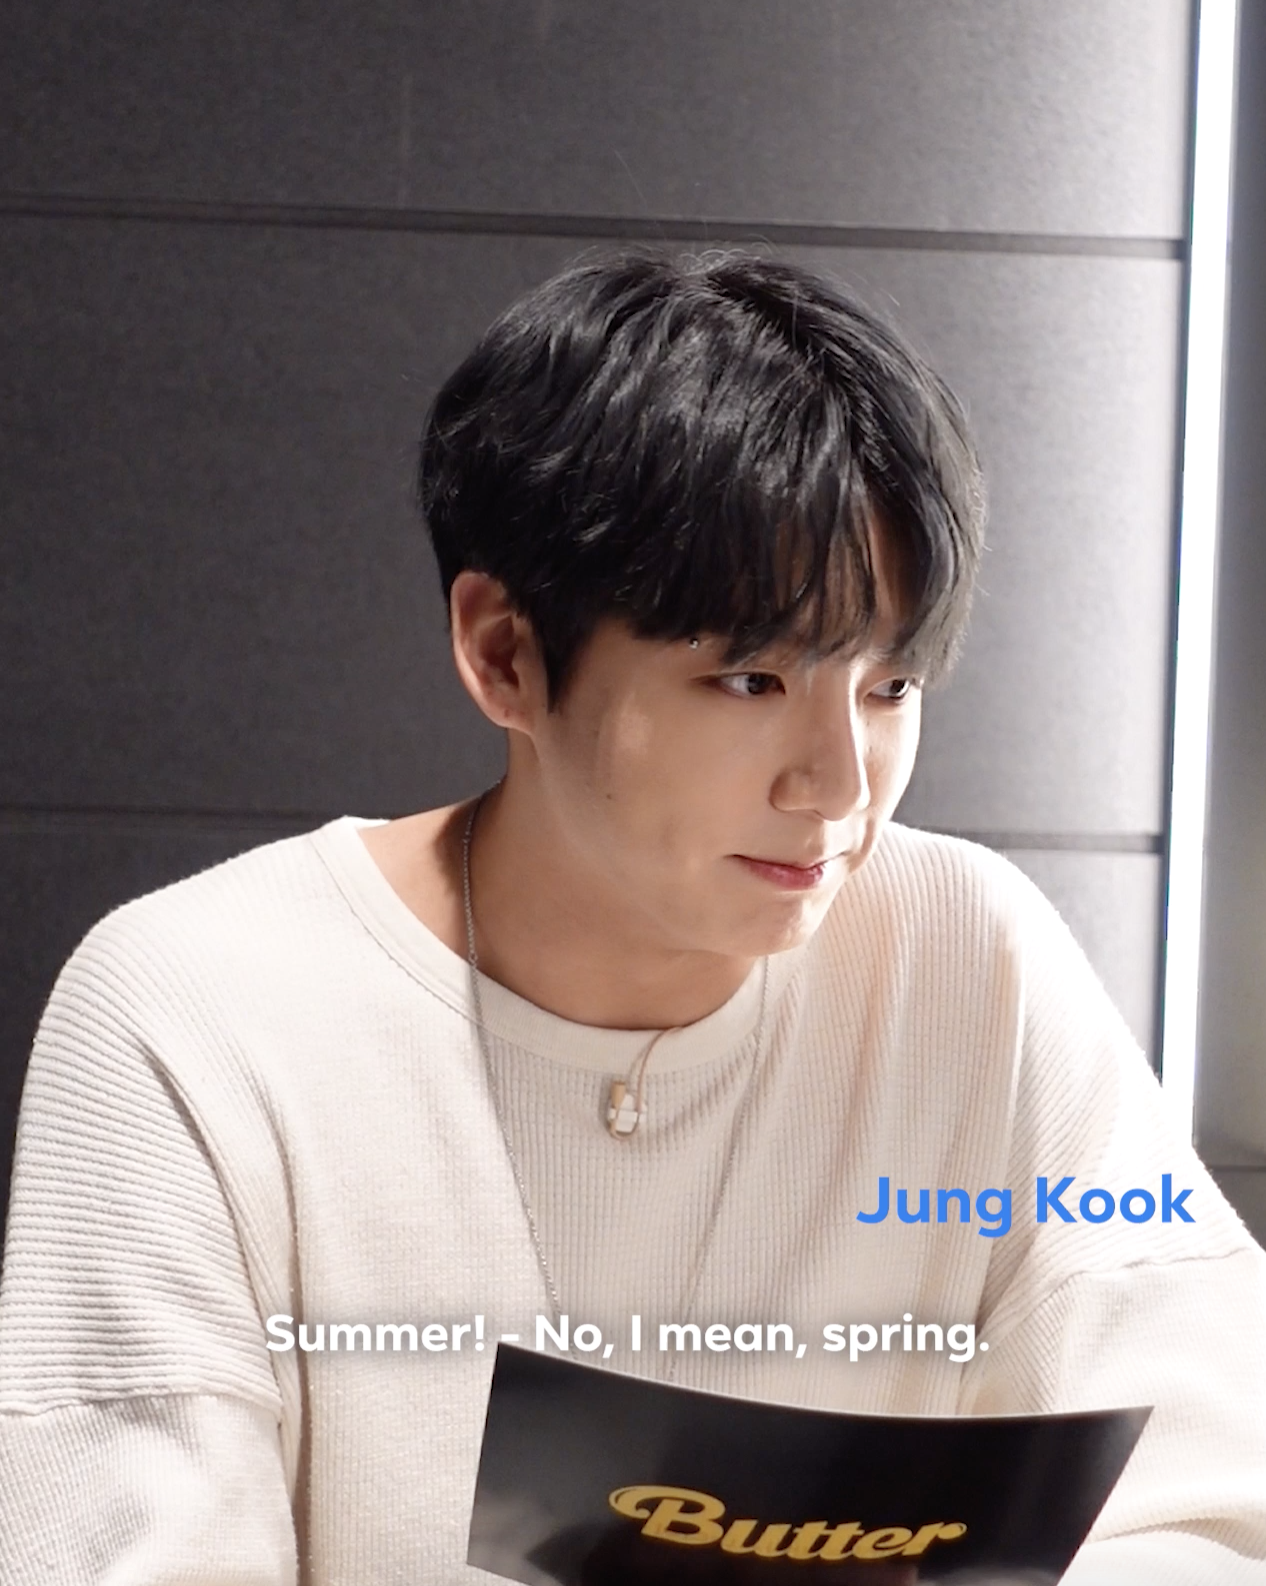 Jungkook thinking hard